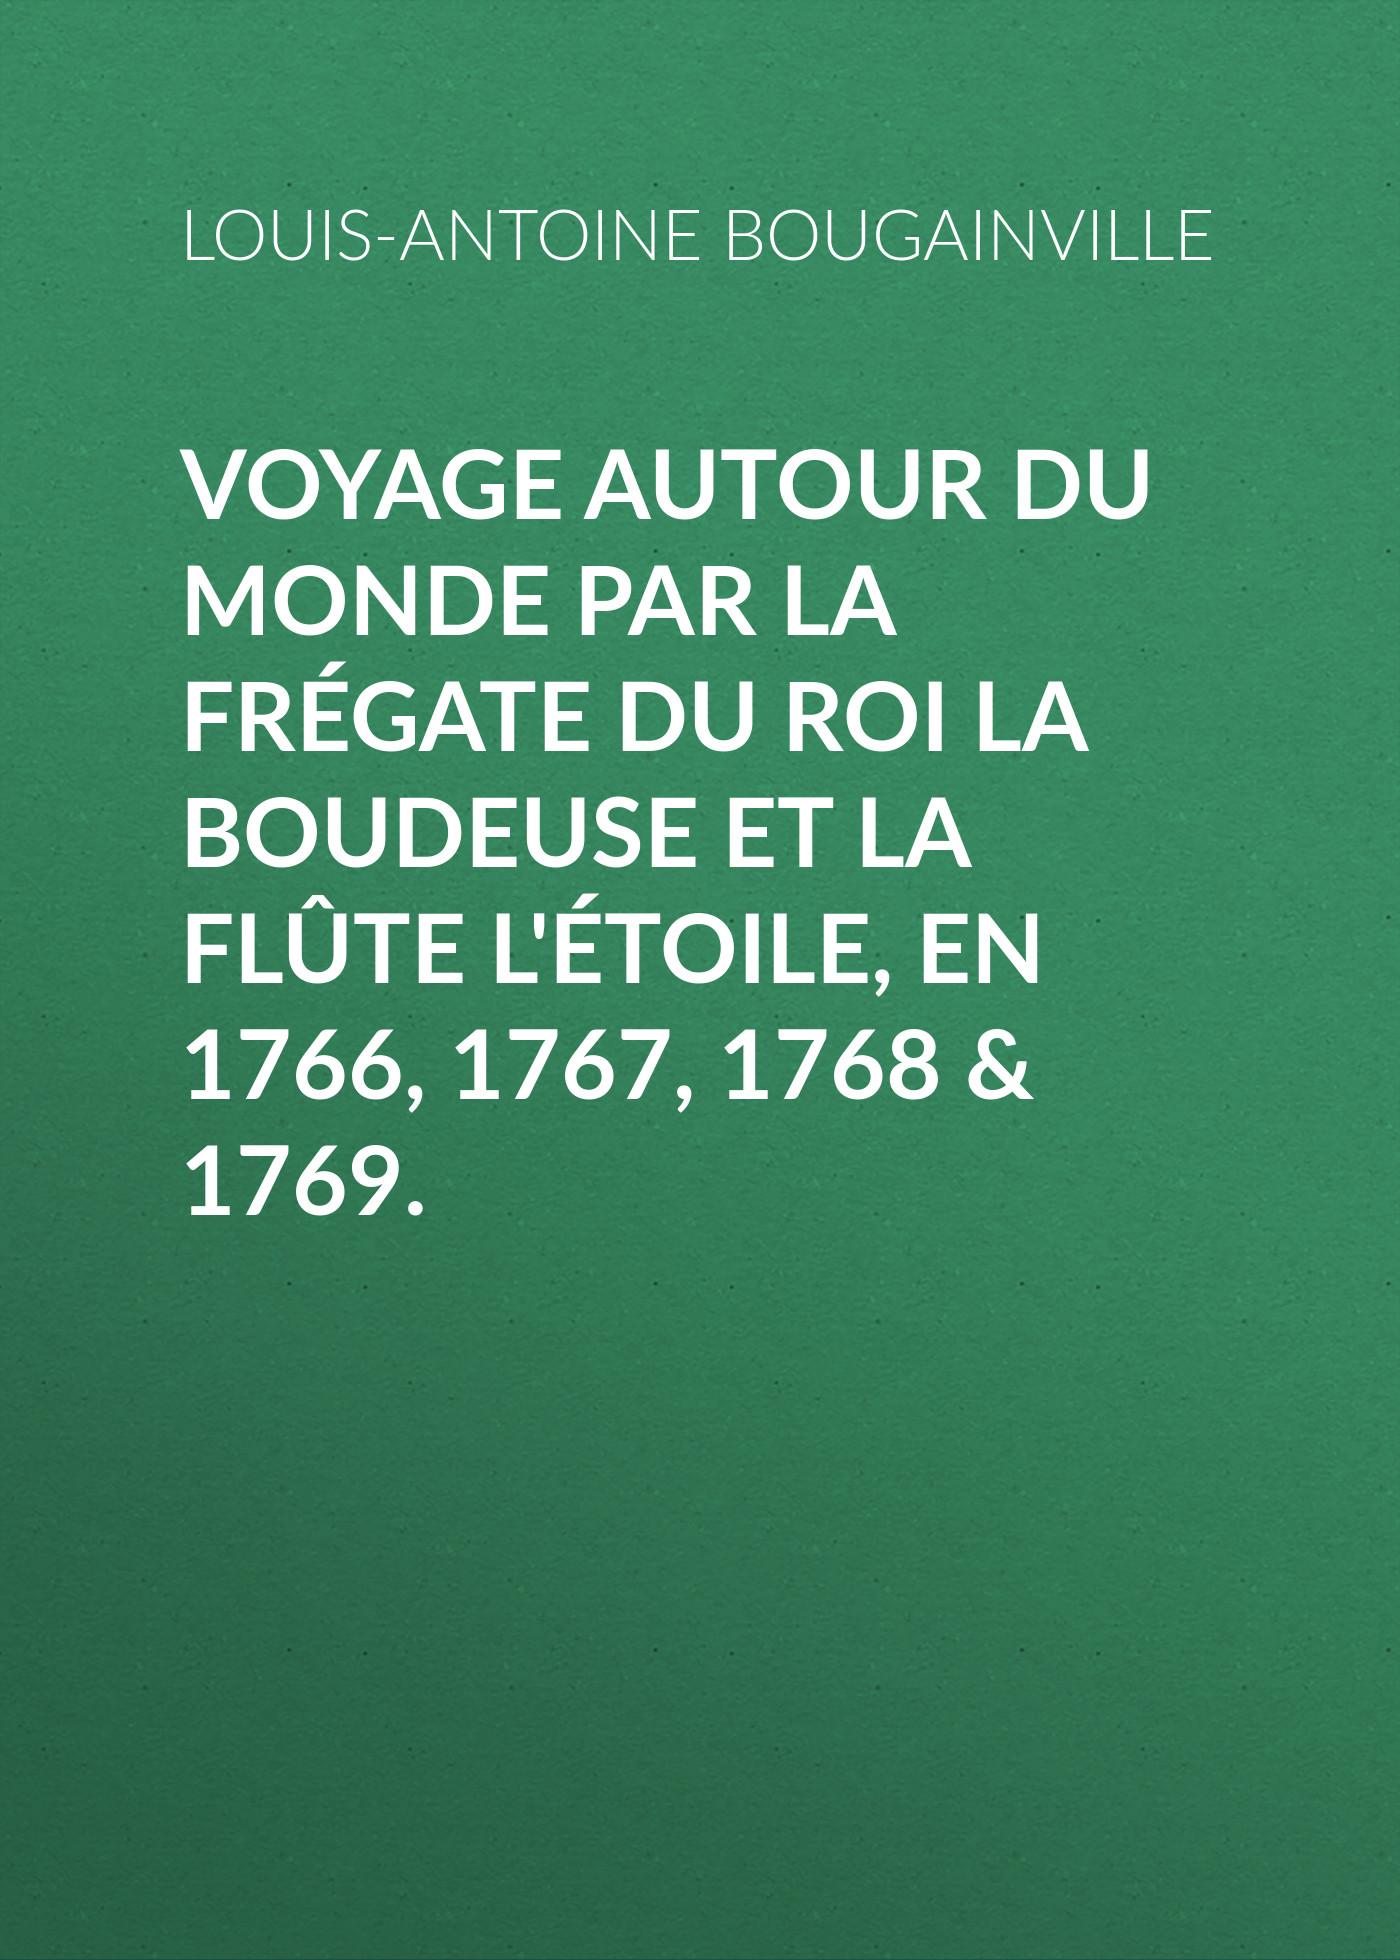 Louis-Antoine de Bougainville Voyage autour du monde par la frégate du roi La Boudeuse et la flûte L'Étoile, en 1766, 1767, 1768 & 1769. недорого